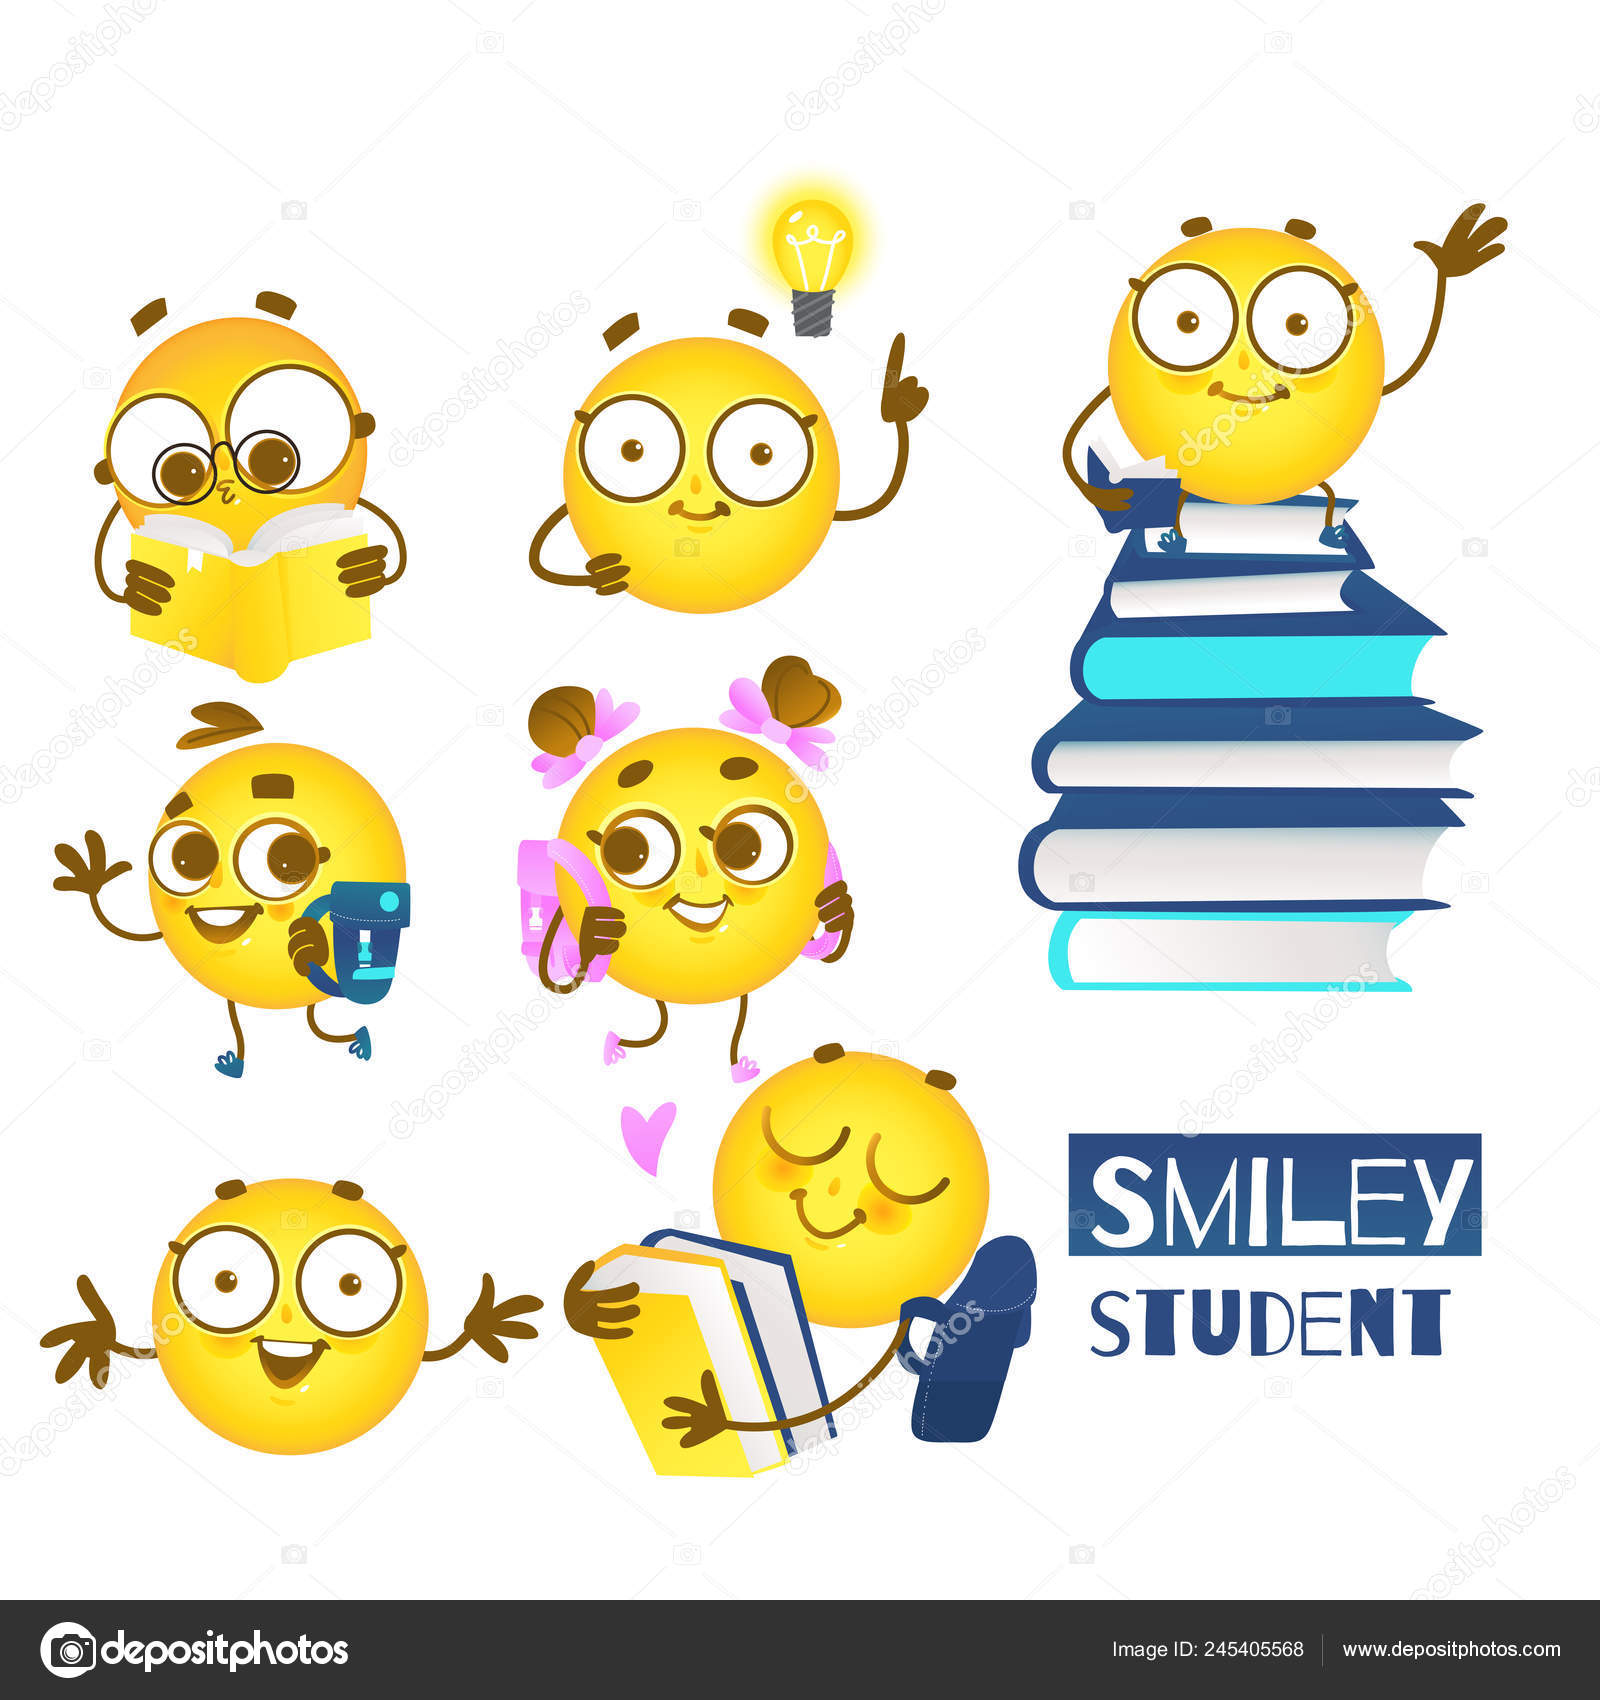 Smiley Emoticon Etudiant Ensemble De Boules Emoji Mignon